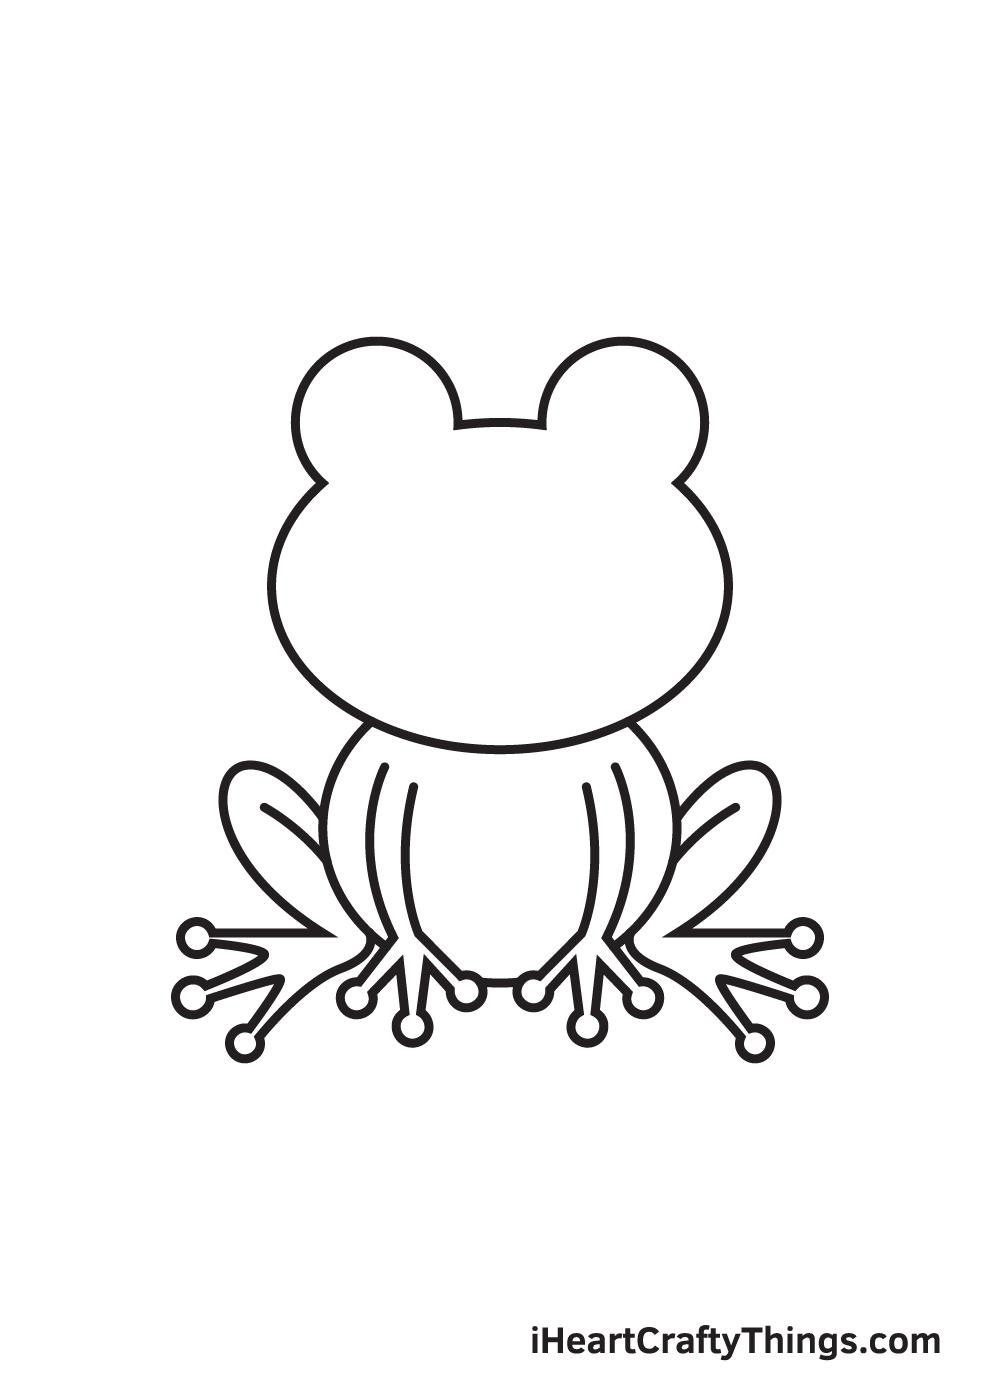 Vẽ ếch - Bước 6